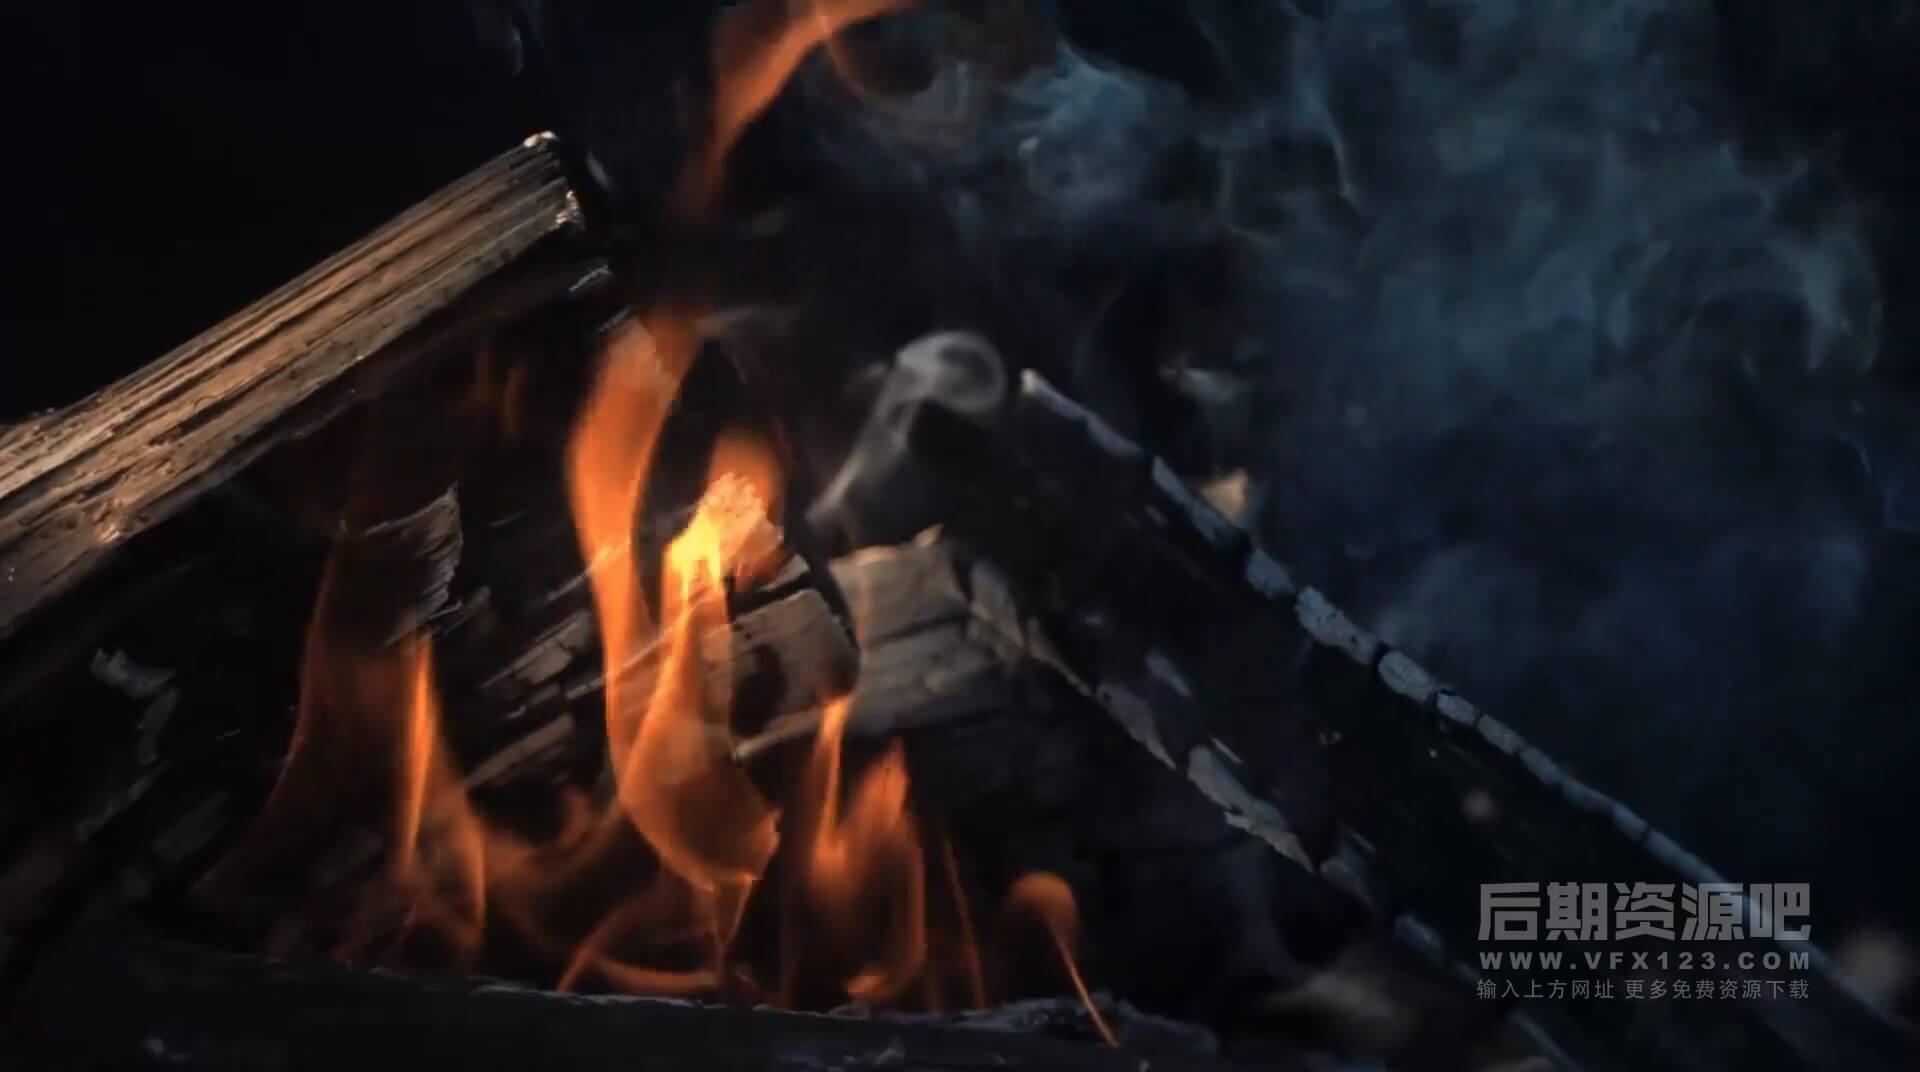 音效素材 2672个火和水元素电影预告片音效素材包 高品质WAV无损